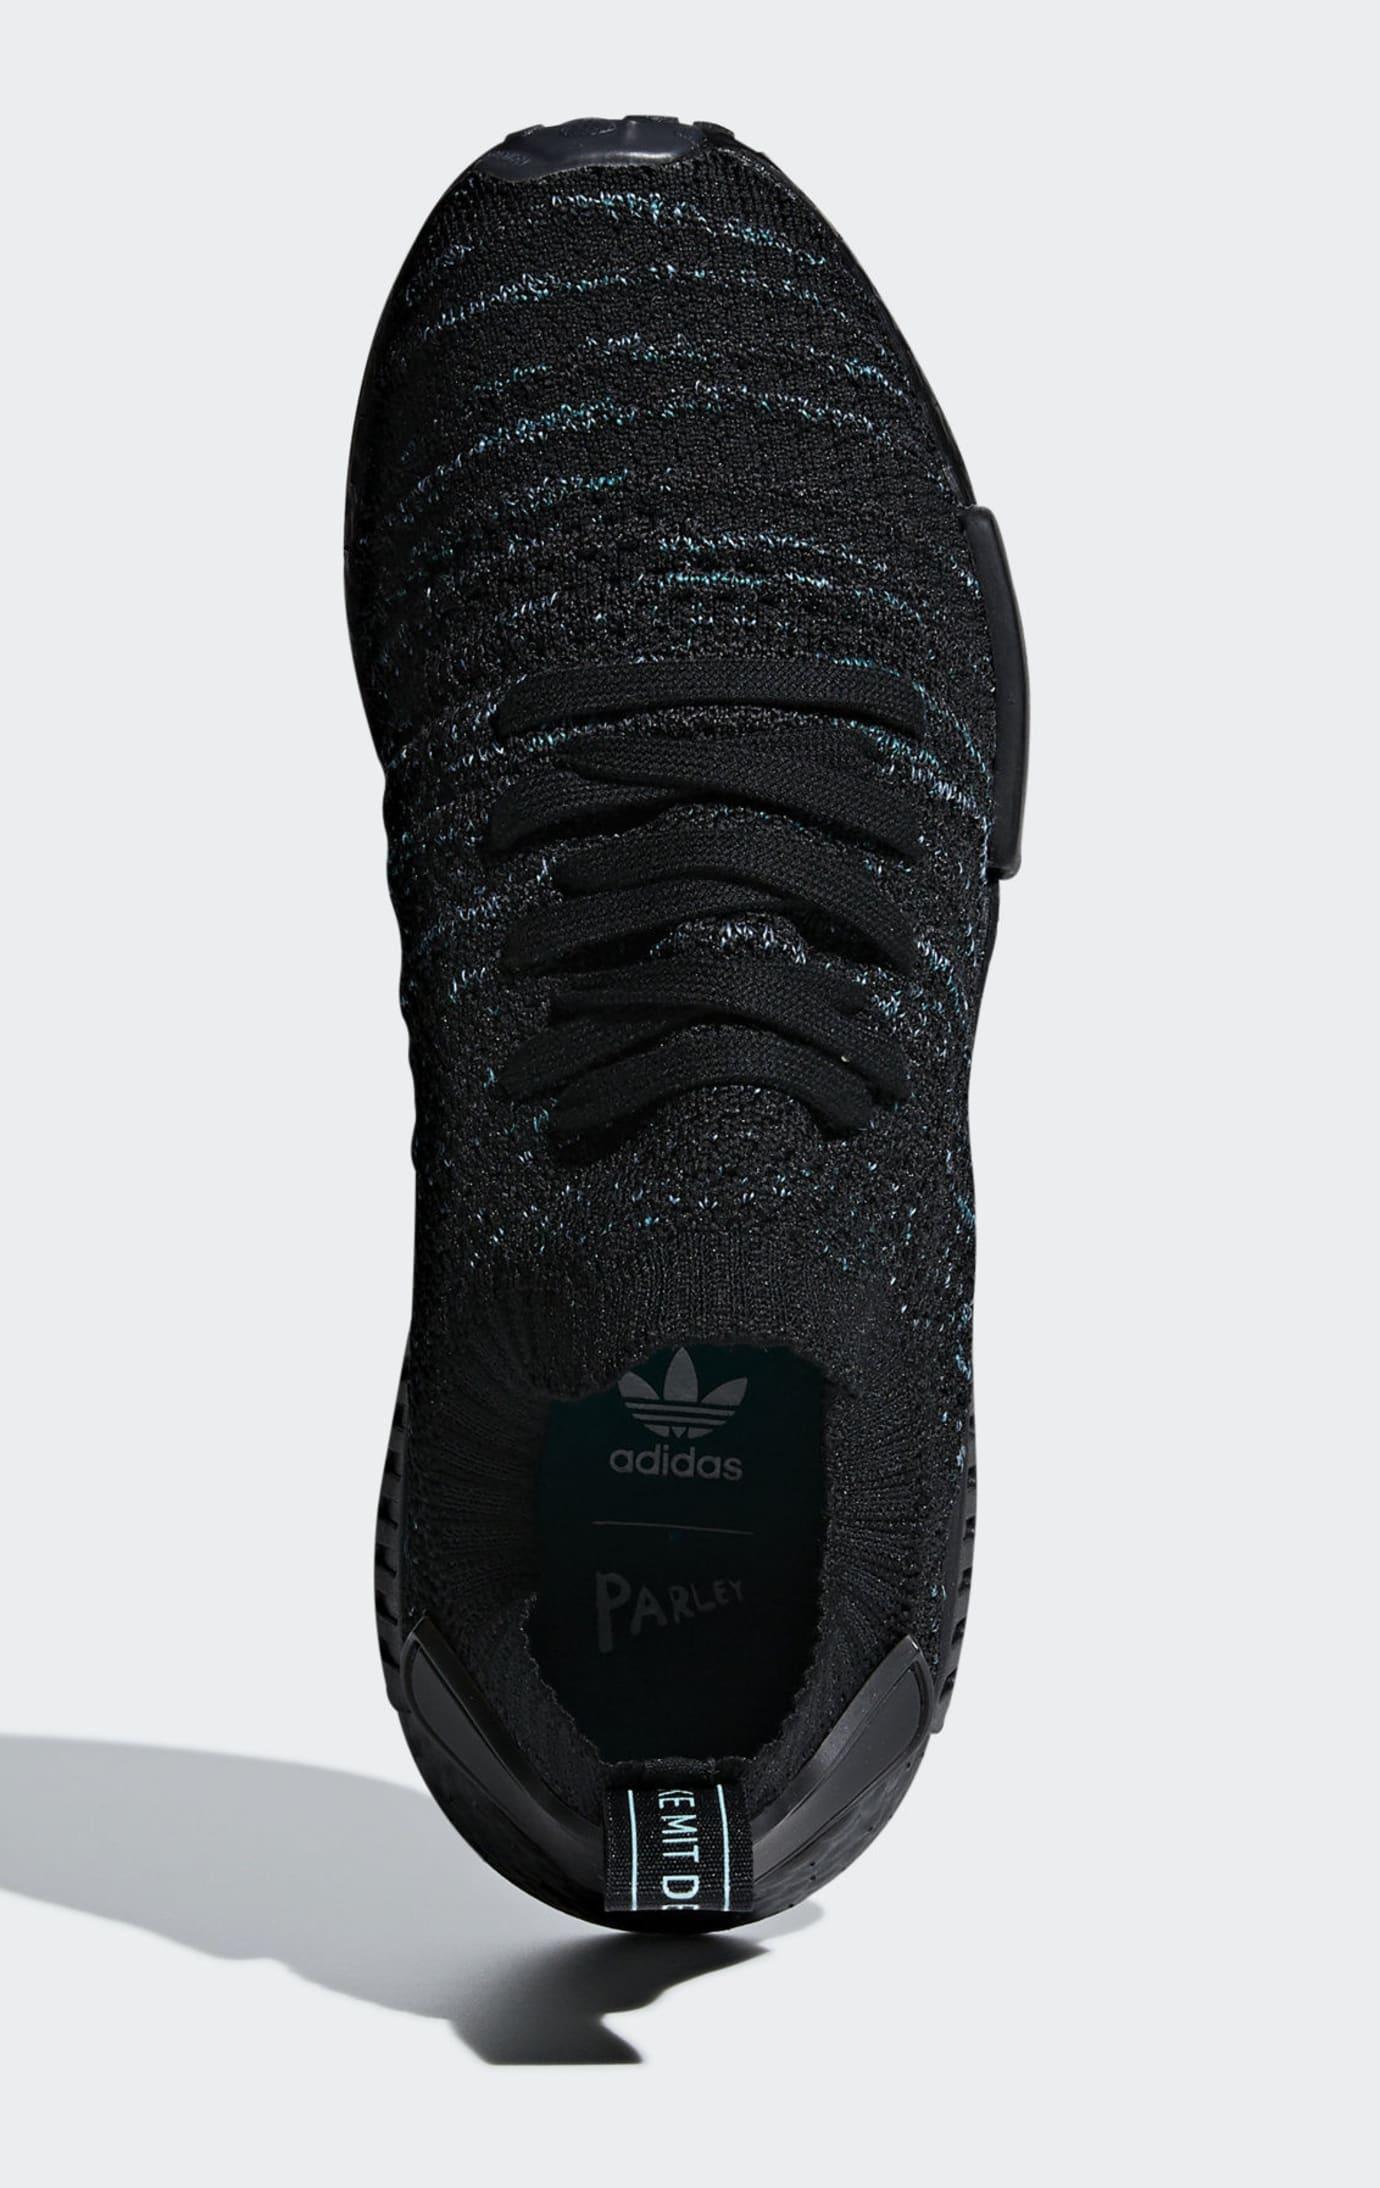 cb0b24e8e Image via Adidas parley-adidas-nmd-r1-core-black-blue-spirit-